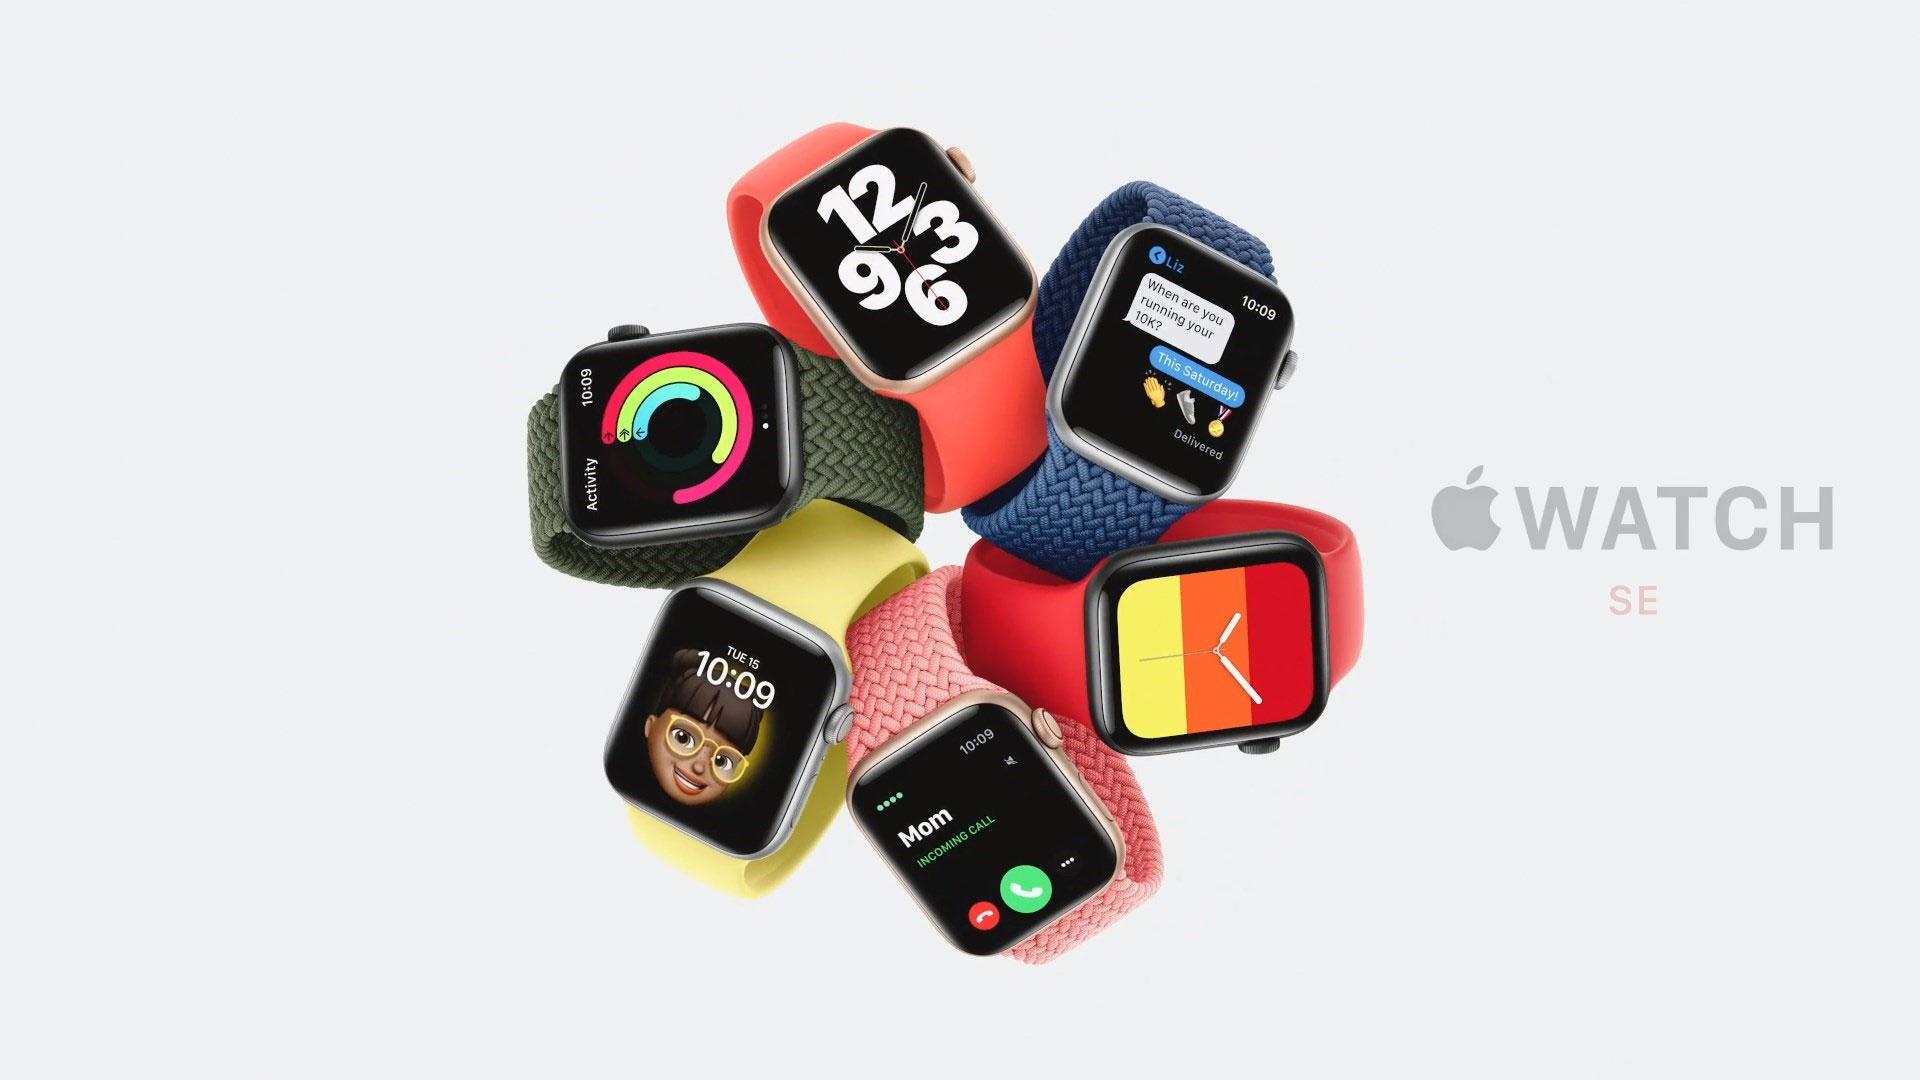 اپل واچ اس ای / Apple Watch SE با قیمت ۲۷۹ دلار رسما معرفی شد